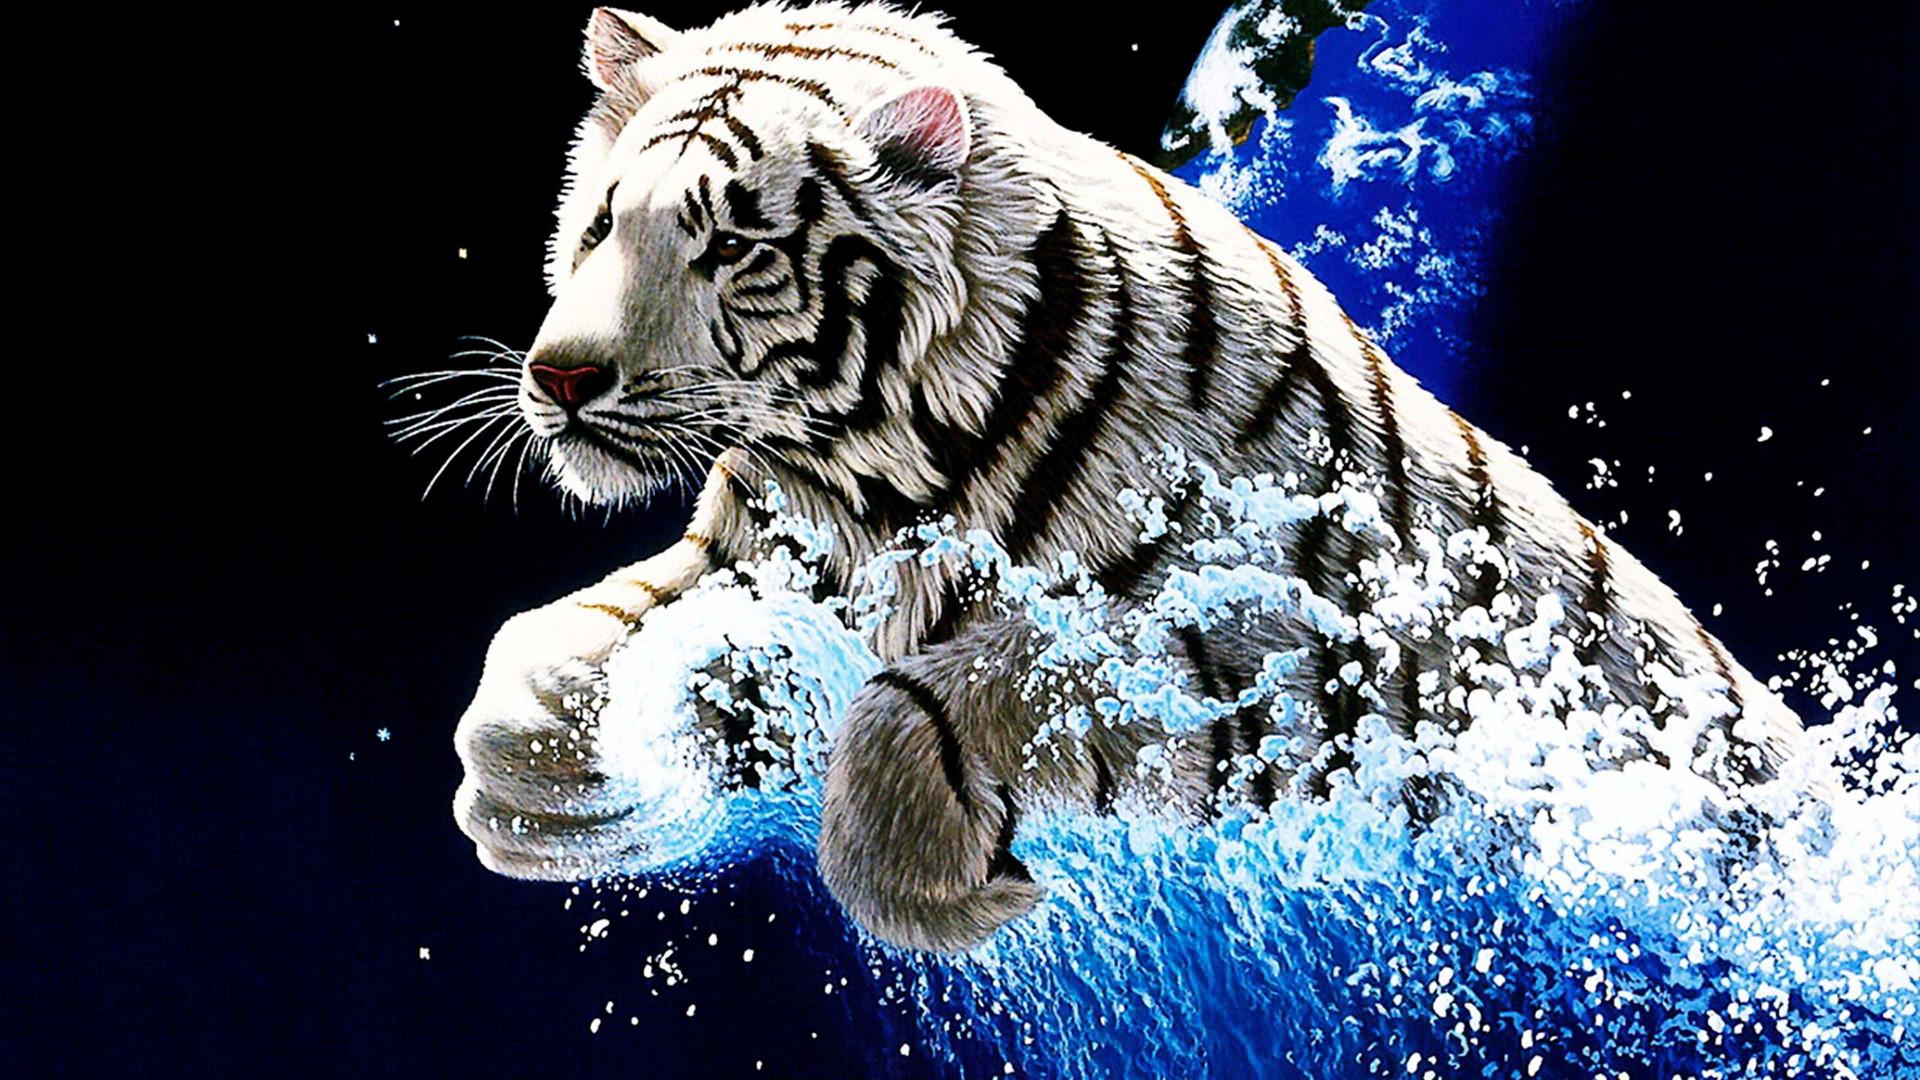 Hình ảnh hổ 3D cực đẹp